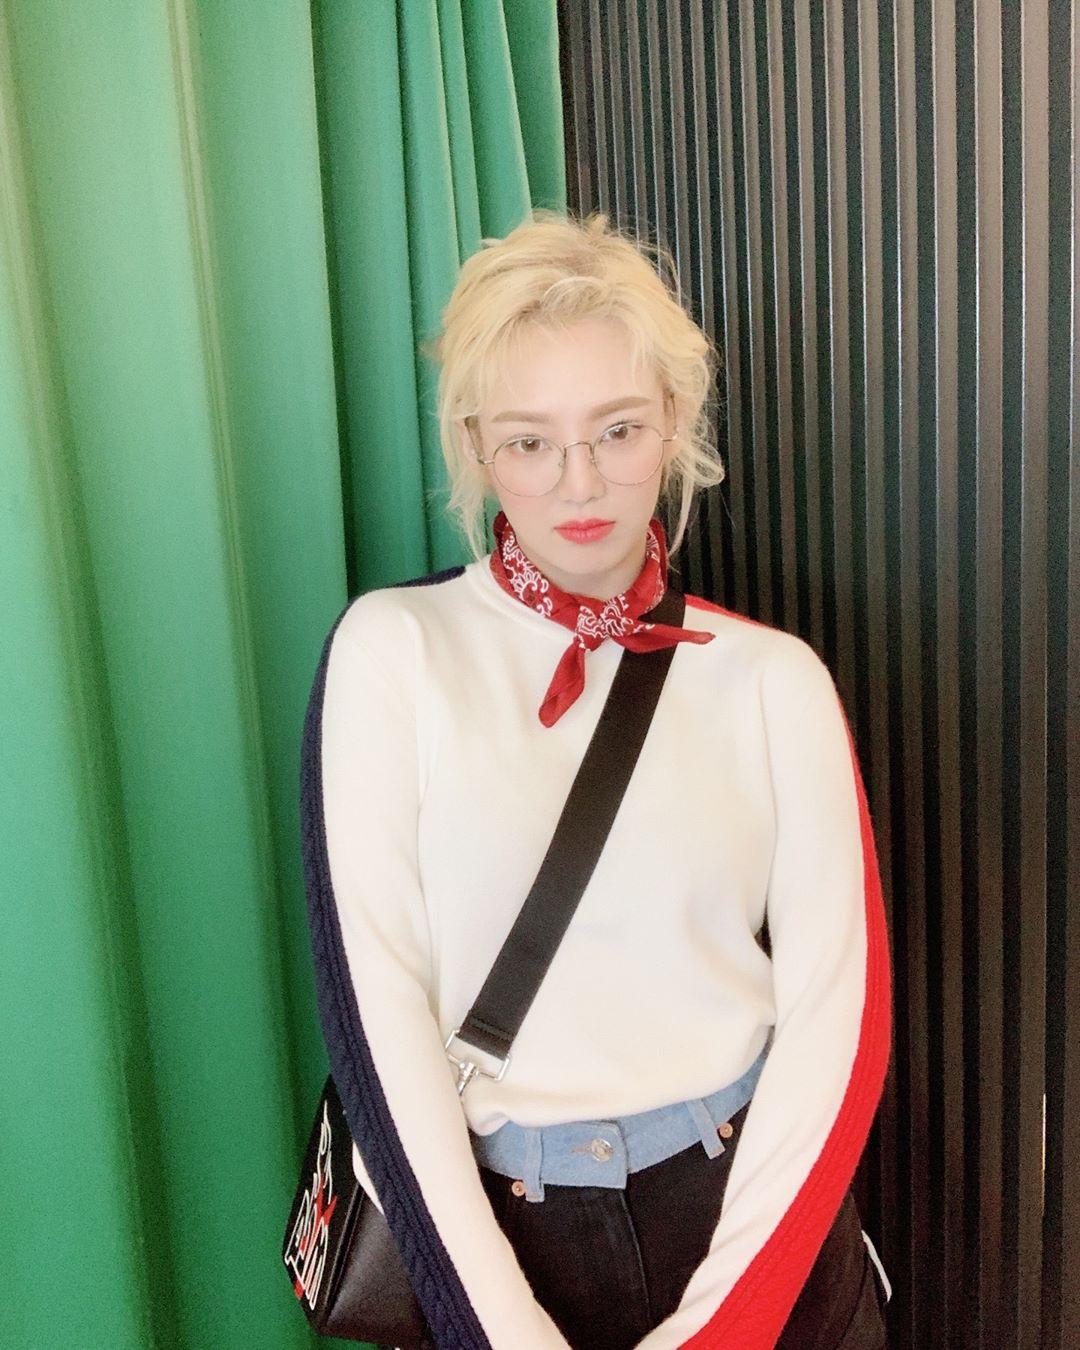 Đến phục tài tái chế của idol Hàn: chỉ một chiếc khăn lụa mà diện được tới 5 cách khác nhau, cách nào cũng đẹp hút mắt - Ảnh 8.